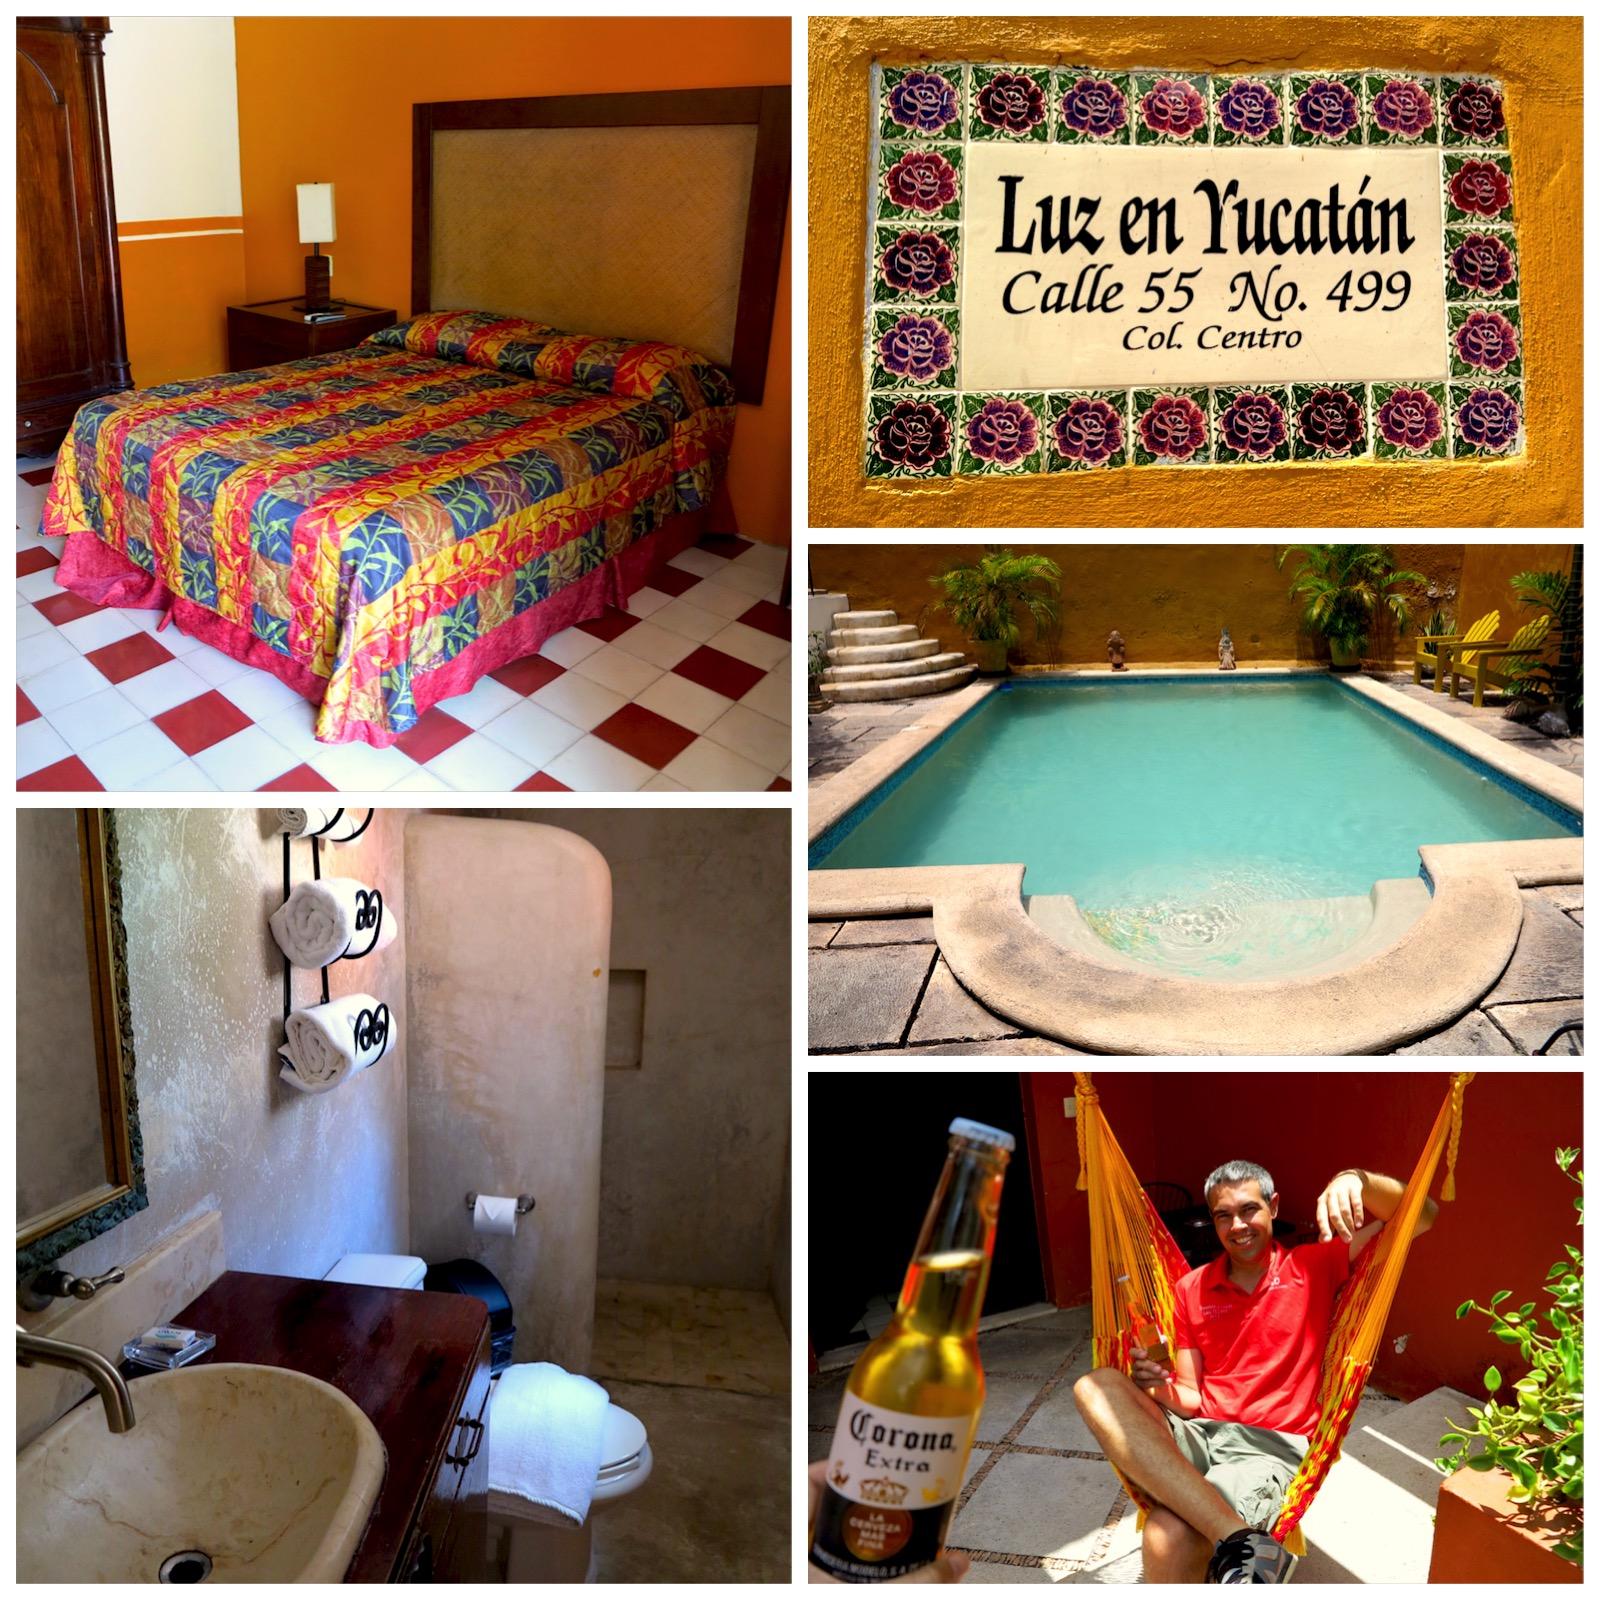 Alojamiento en México Luz en Yucatán